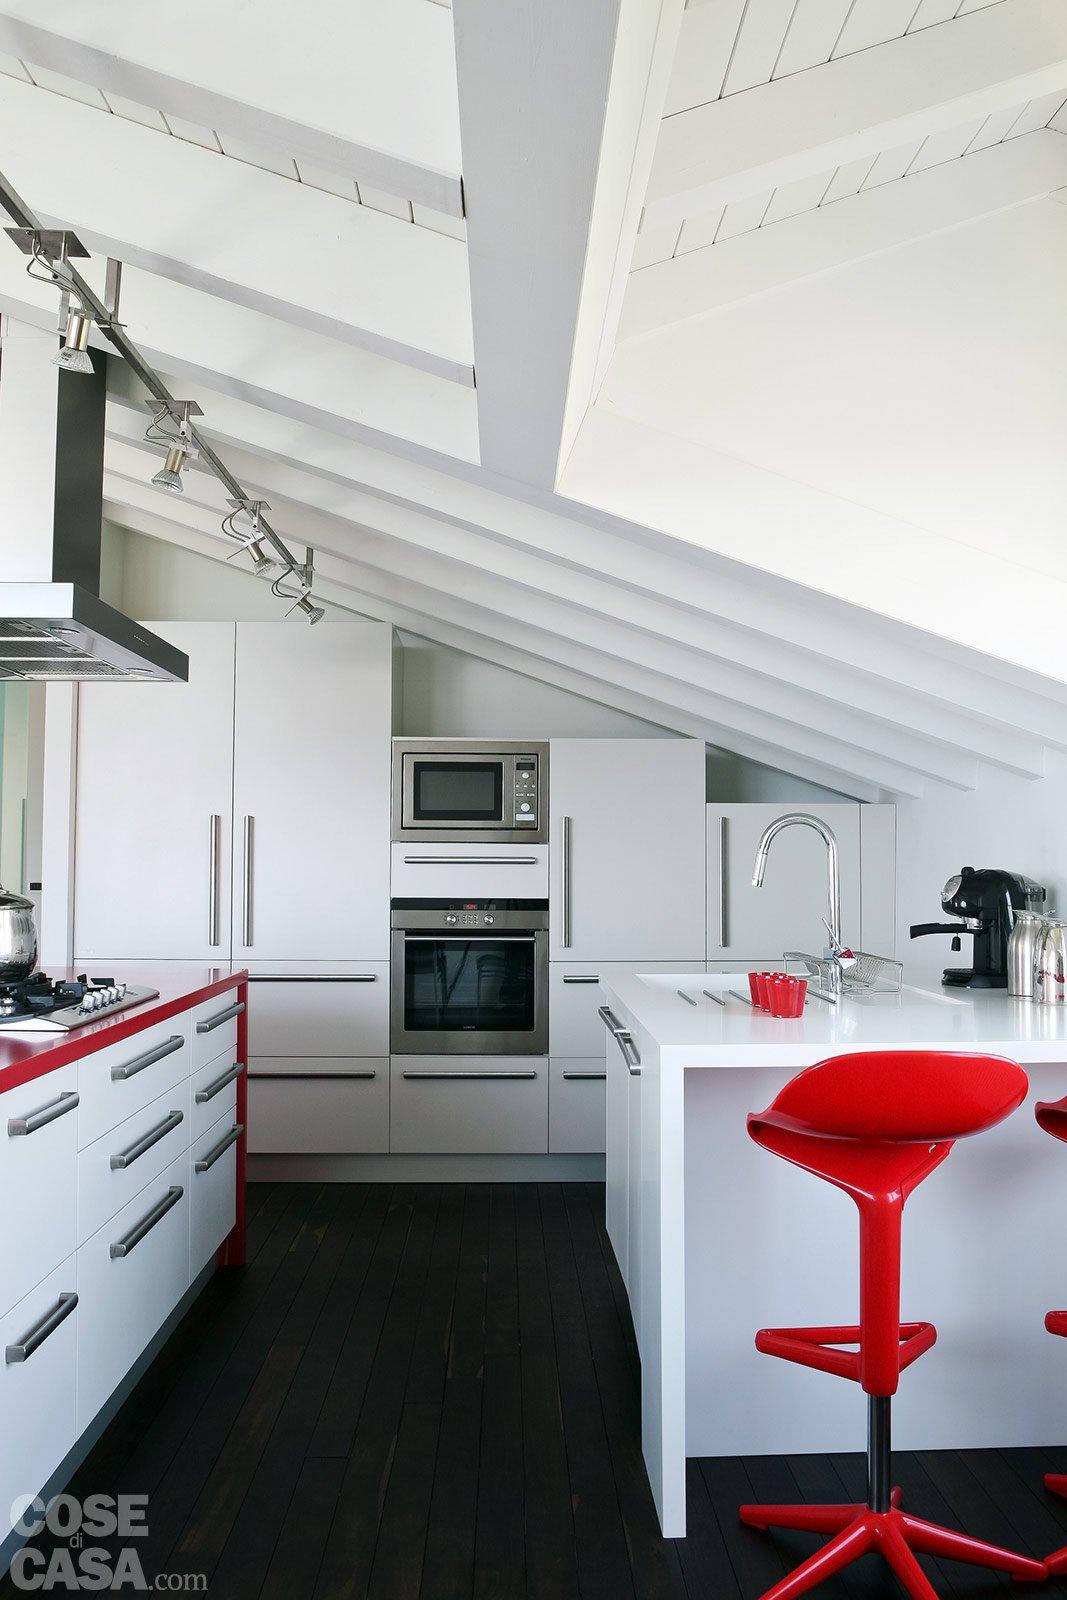 Volumi bianchi in mansarda per avere pi luce cose di casa - Plafoniere moderne per cucina ...